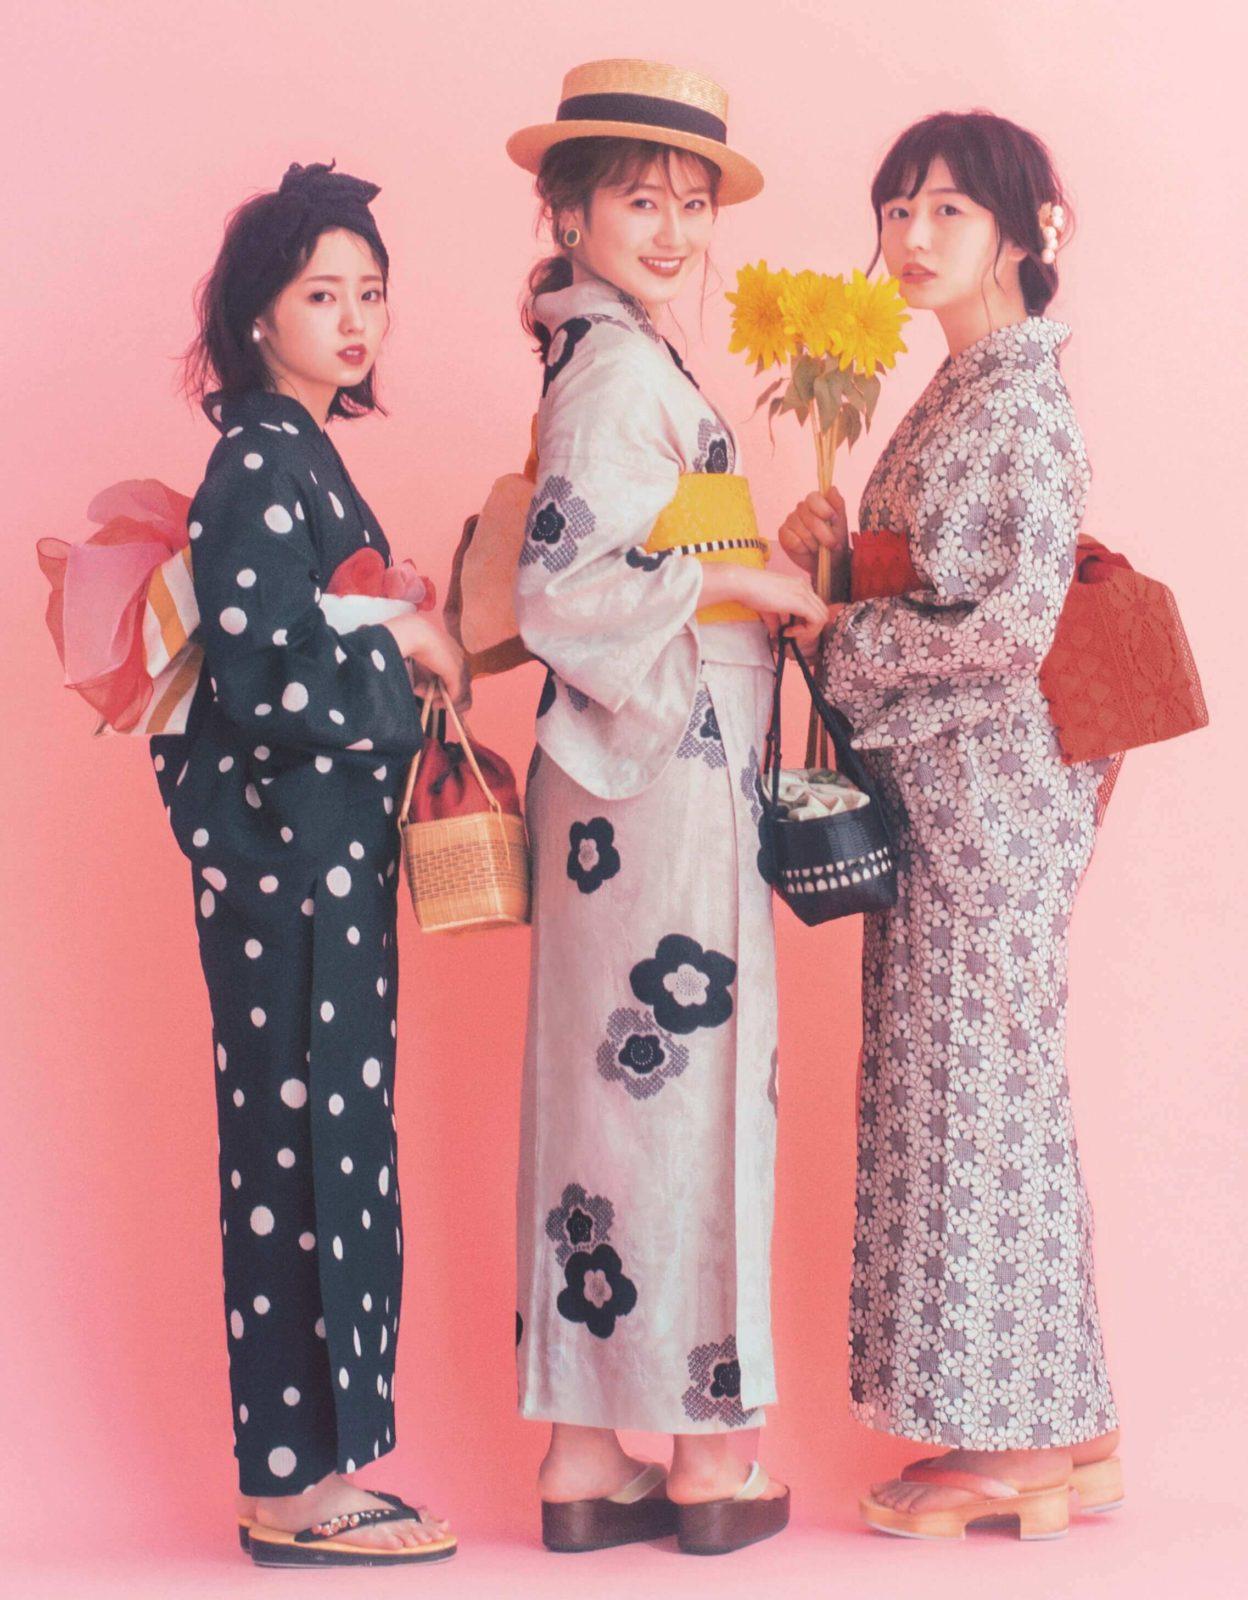 欅坂46・今泉佑唯、長濱ねる、守屋茜が浴衣姿で登場!理想のデートも明かすサムネイル画像